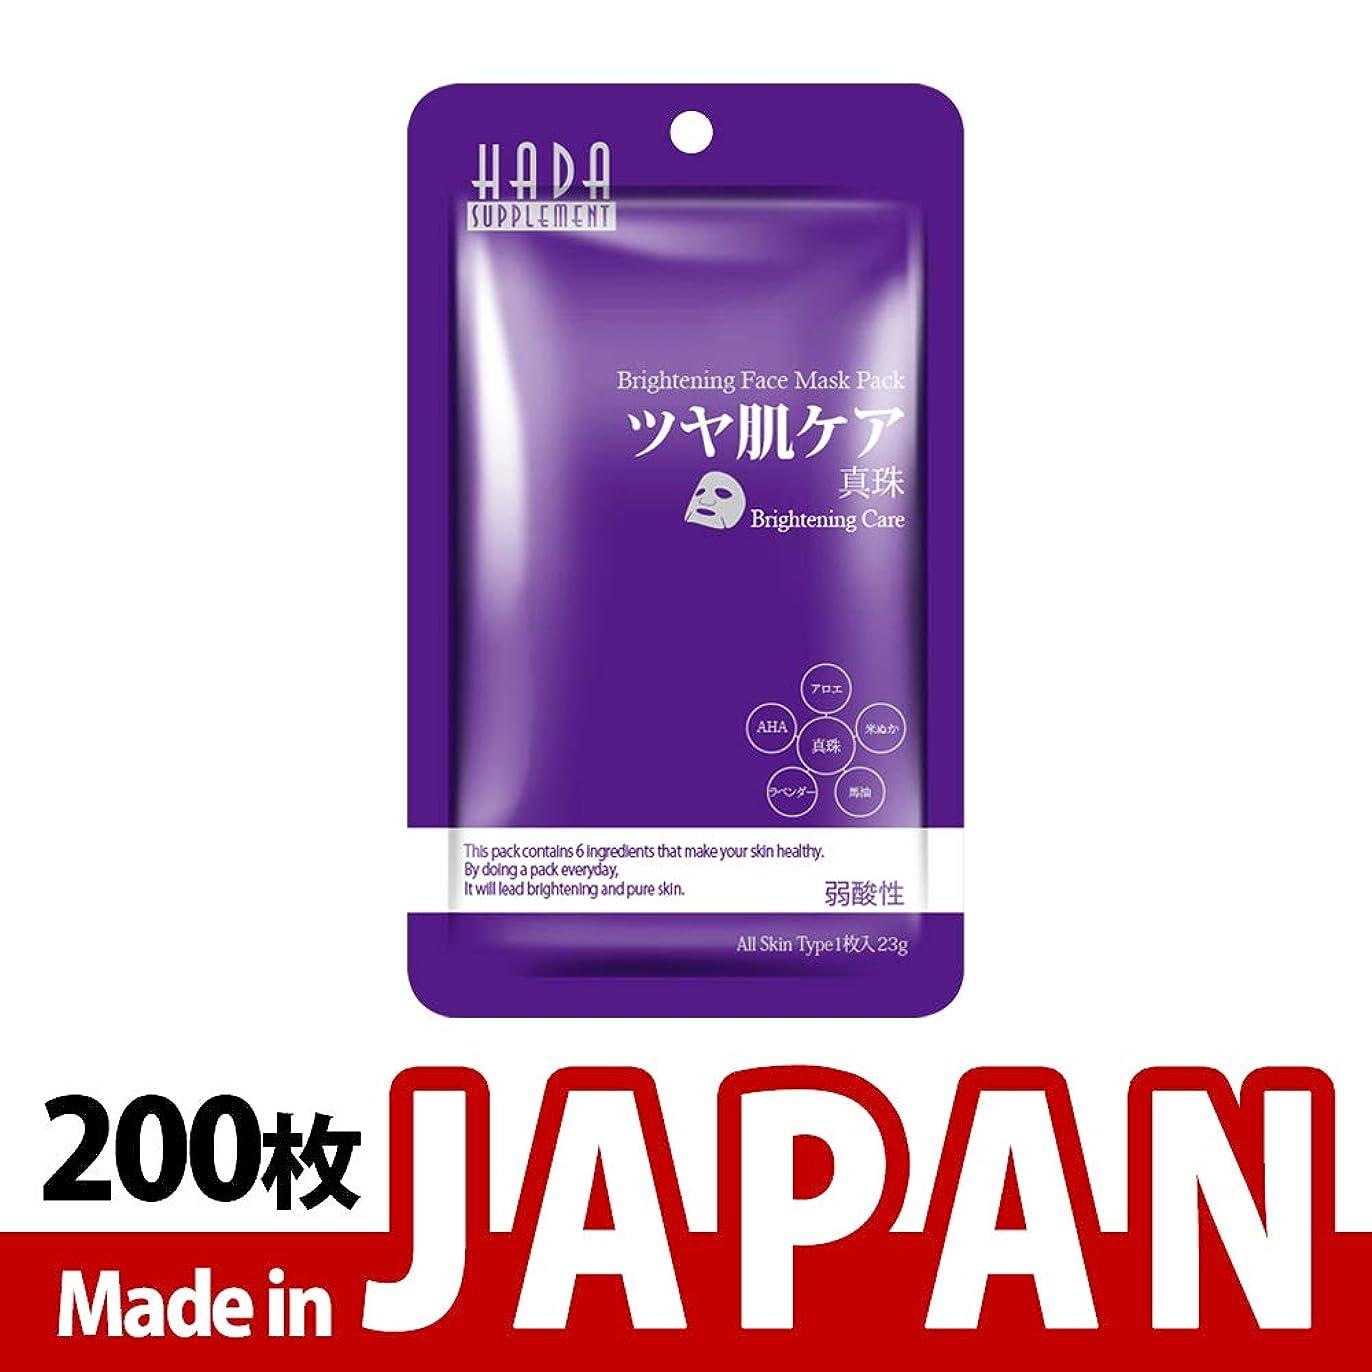 寄生虫マーキング比率【HS001-A-2】シートマスク/10枚入り/200枚/美容液/マスクパック/送料無料